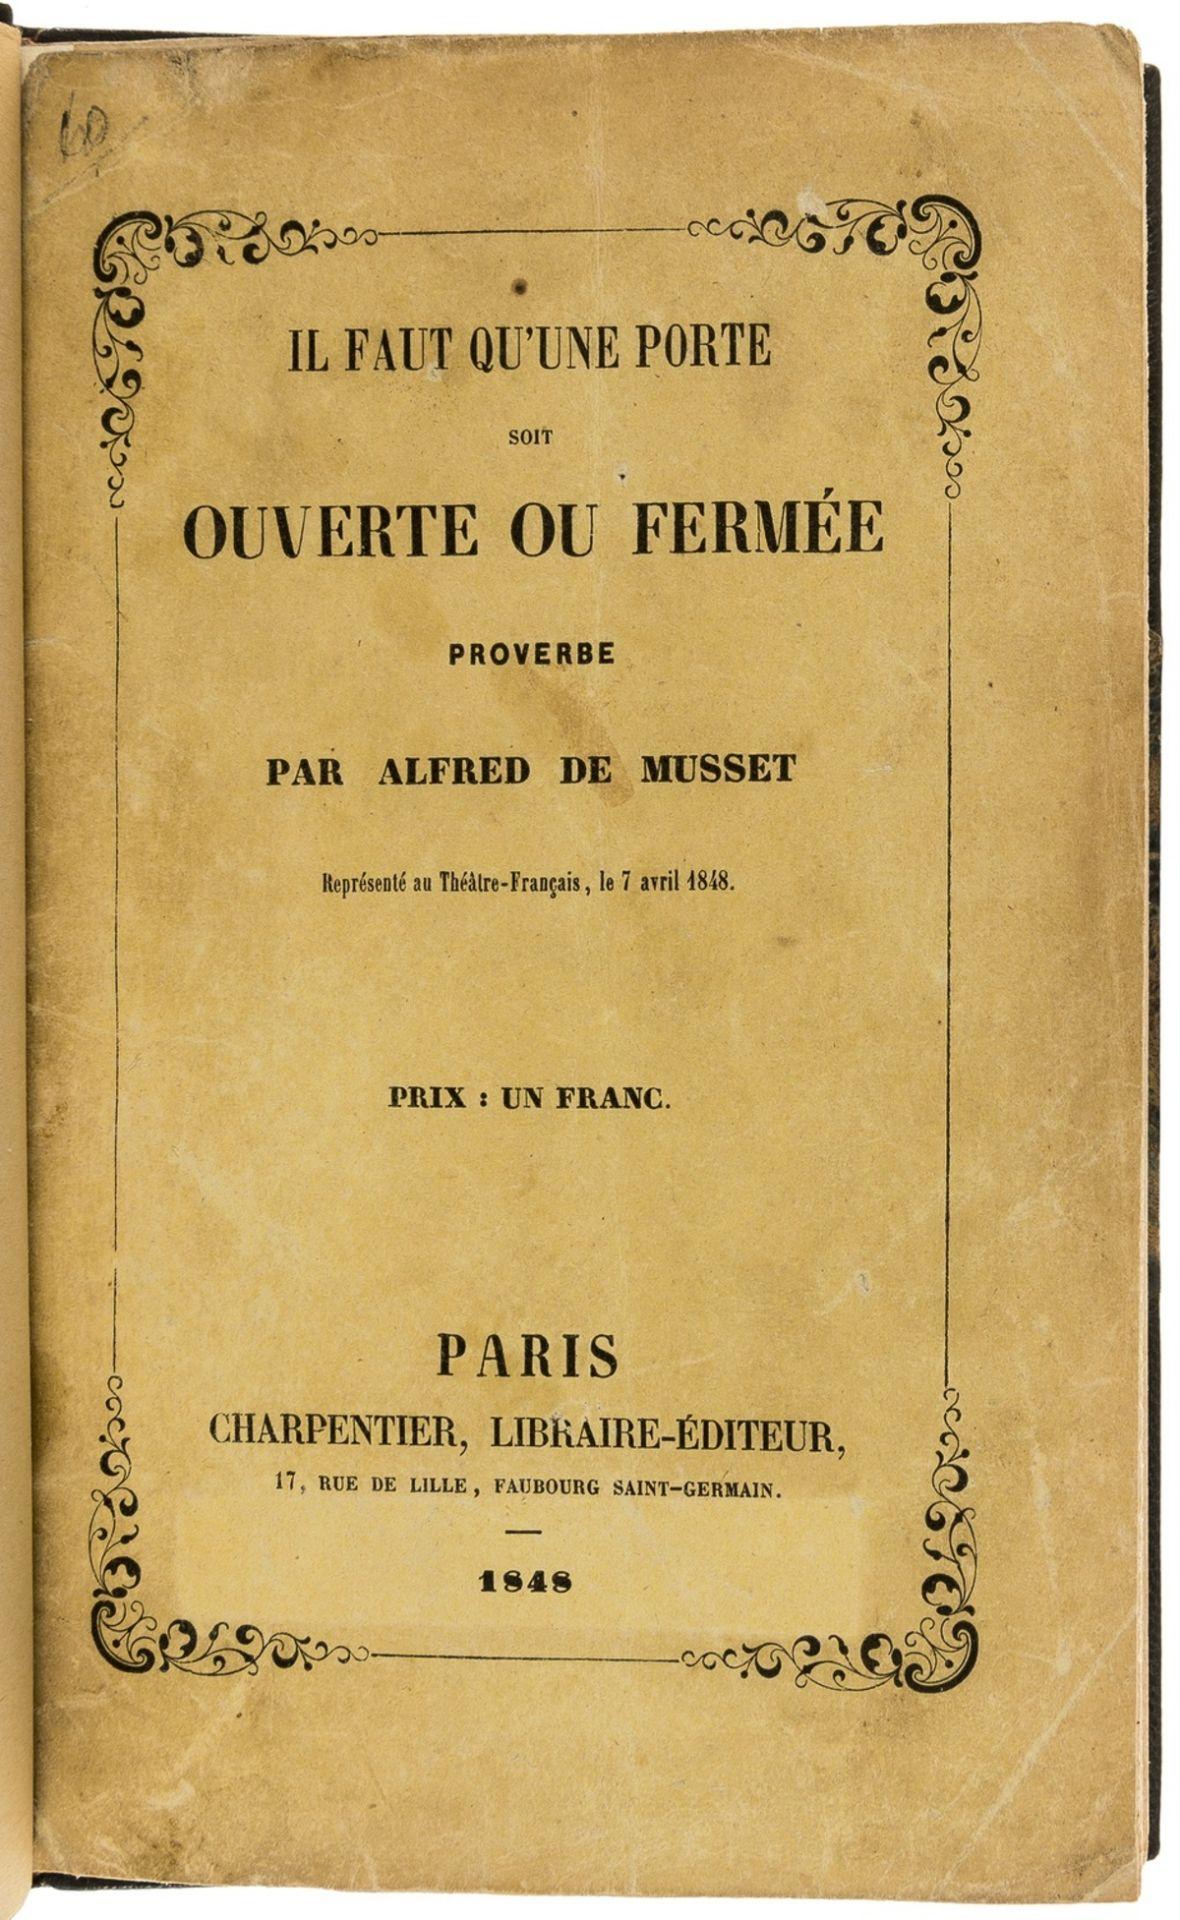 Musset (Alfred de) Il faut qu'une Porte ouverte ou fermée proverbe, first edition, Paris, …